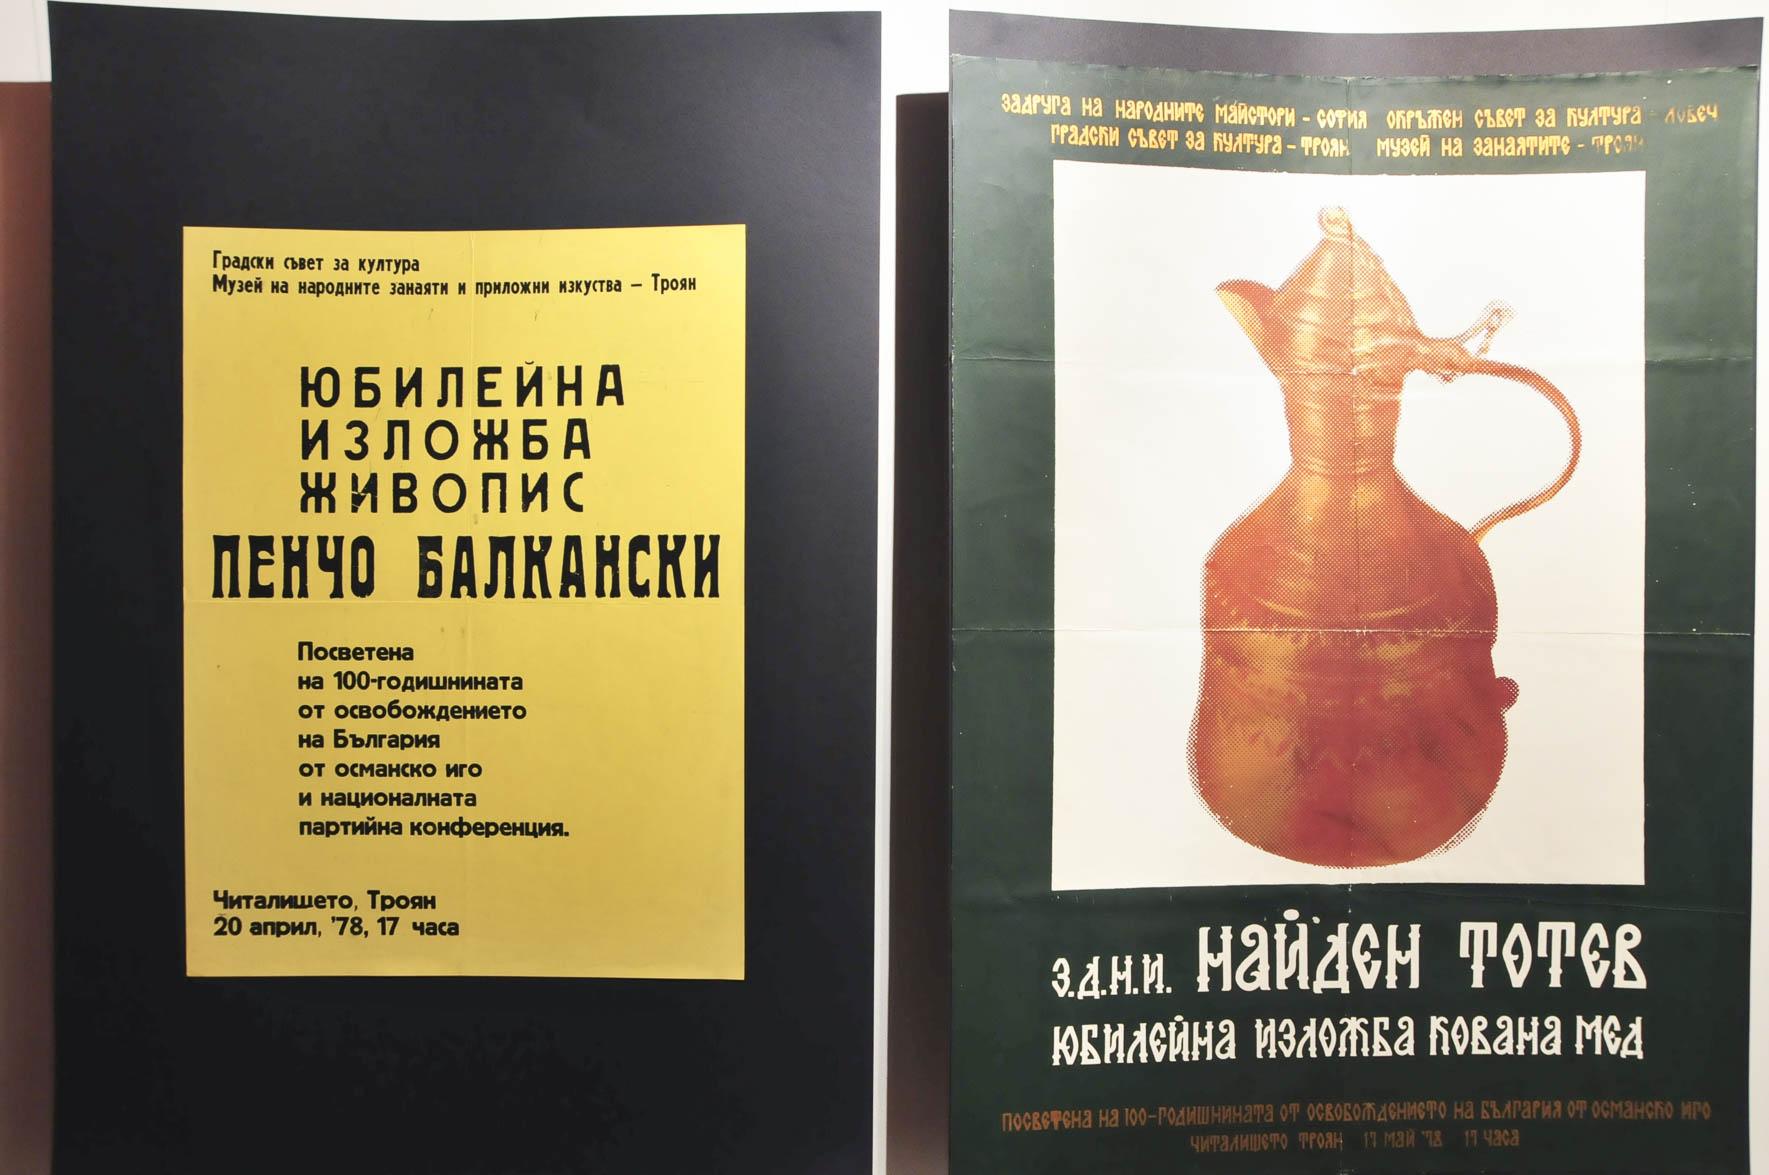 troyan-museum-razkaz-dokumenti-20